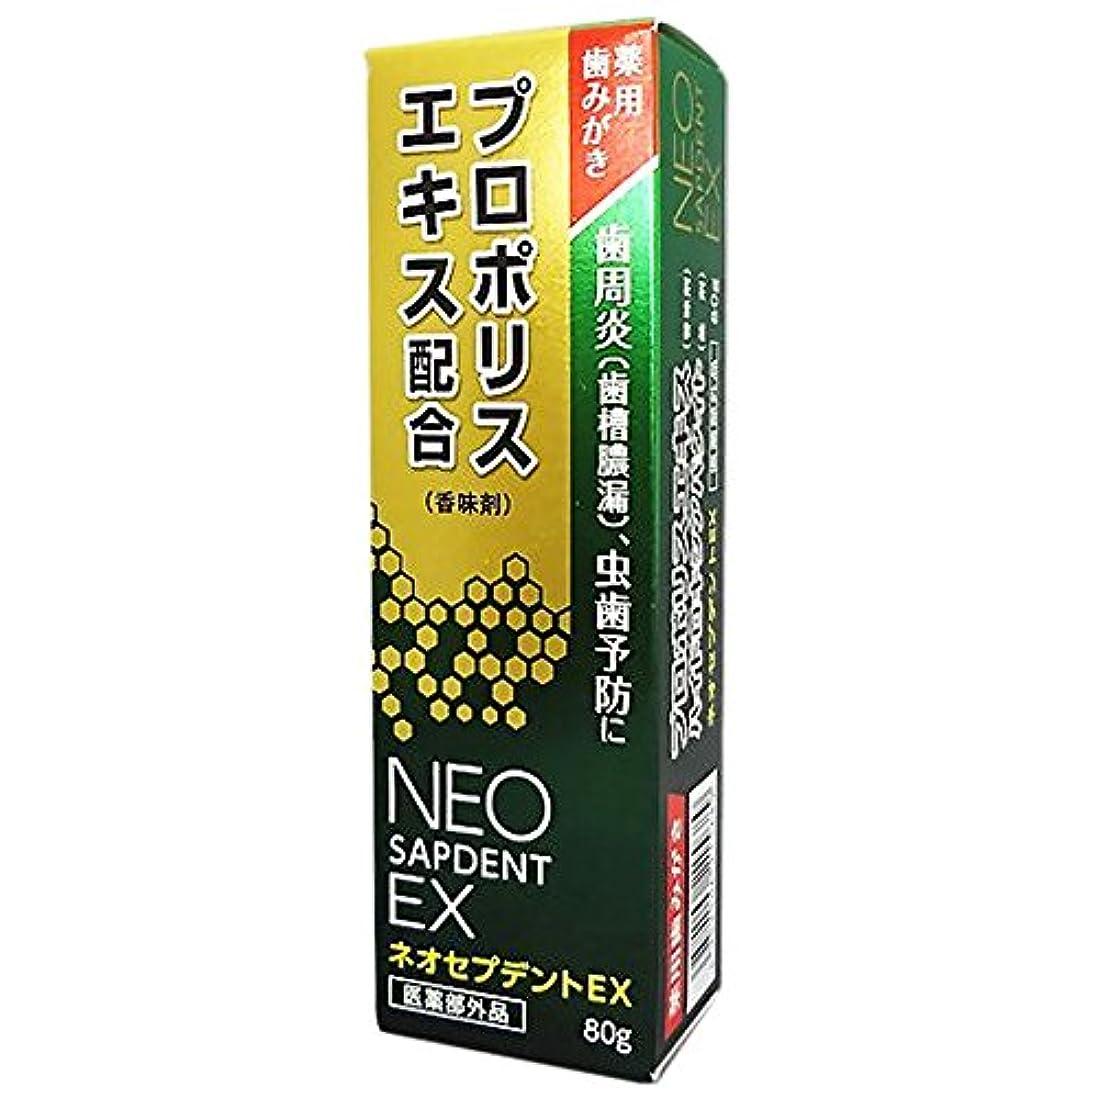 妥協クラブ友情森川健康堂 ネオセプデントEX 80g